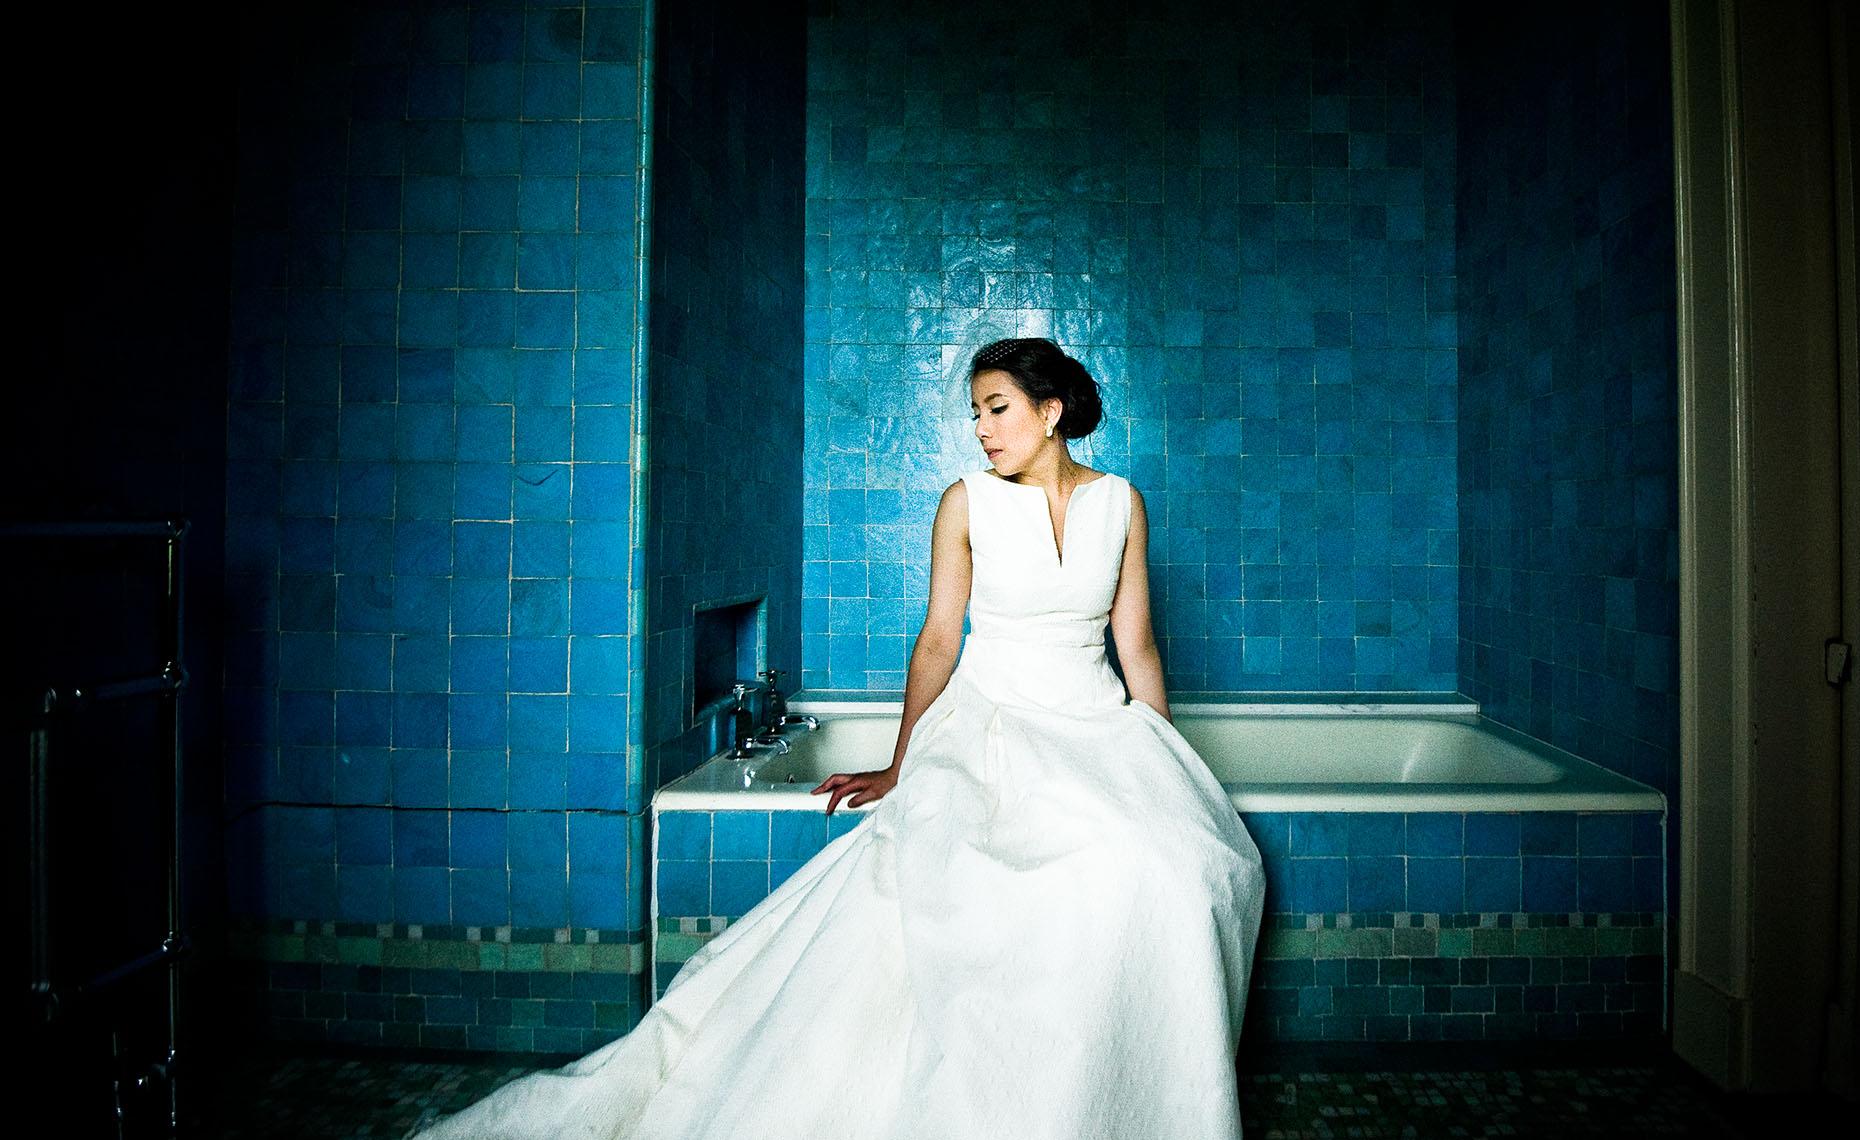 eltham palace wedding photographer in London